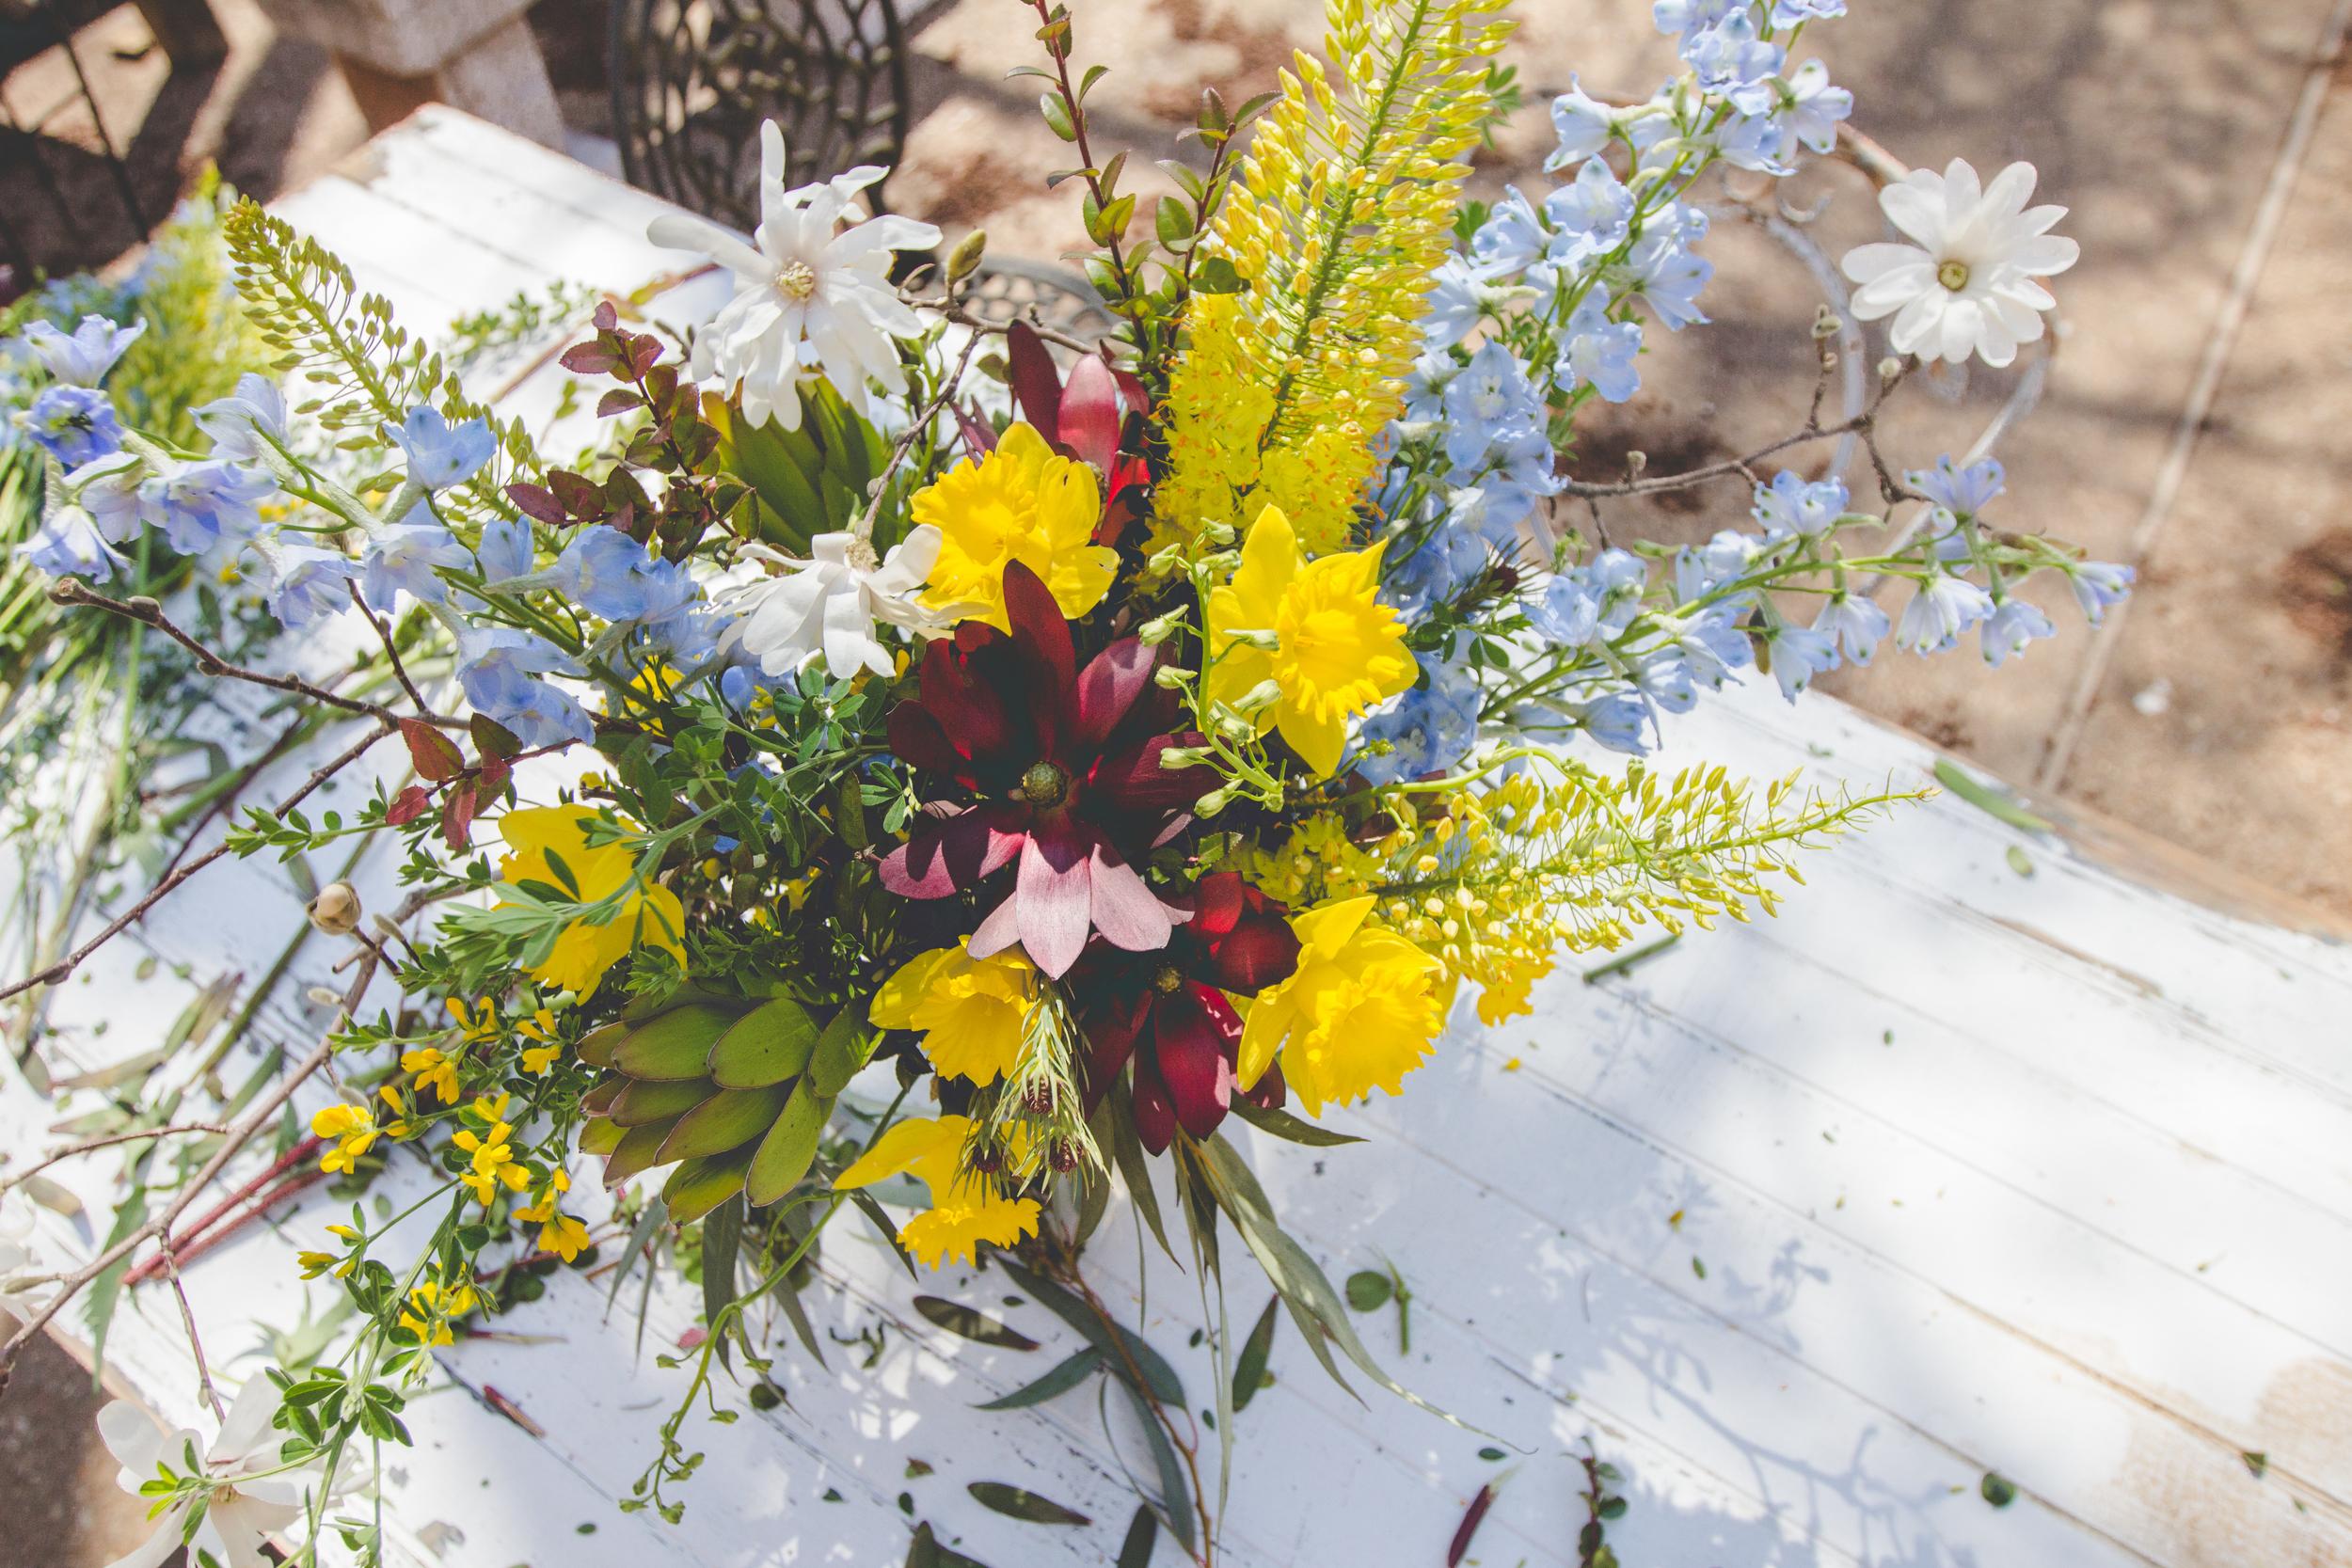 140401-flowersweeds048-2.jpg